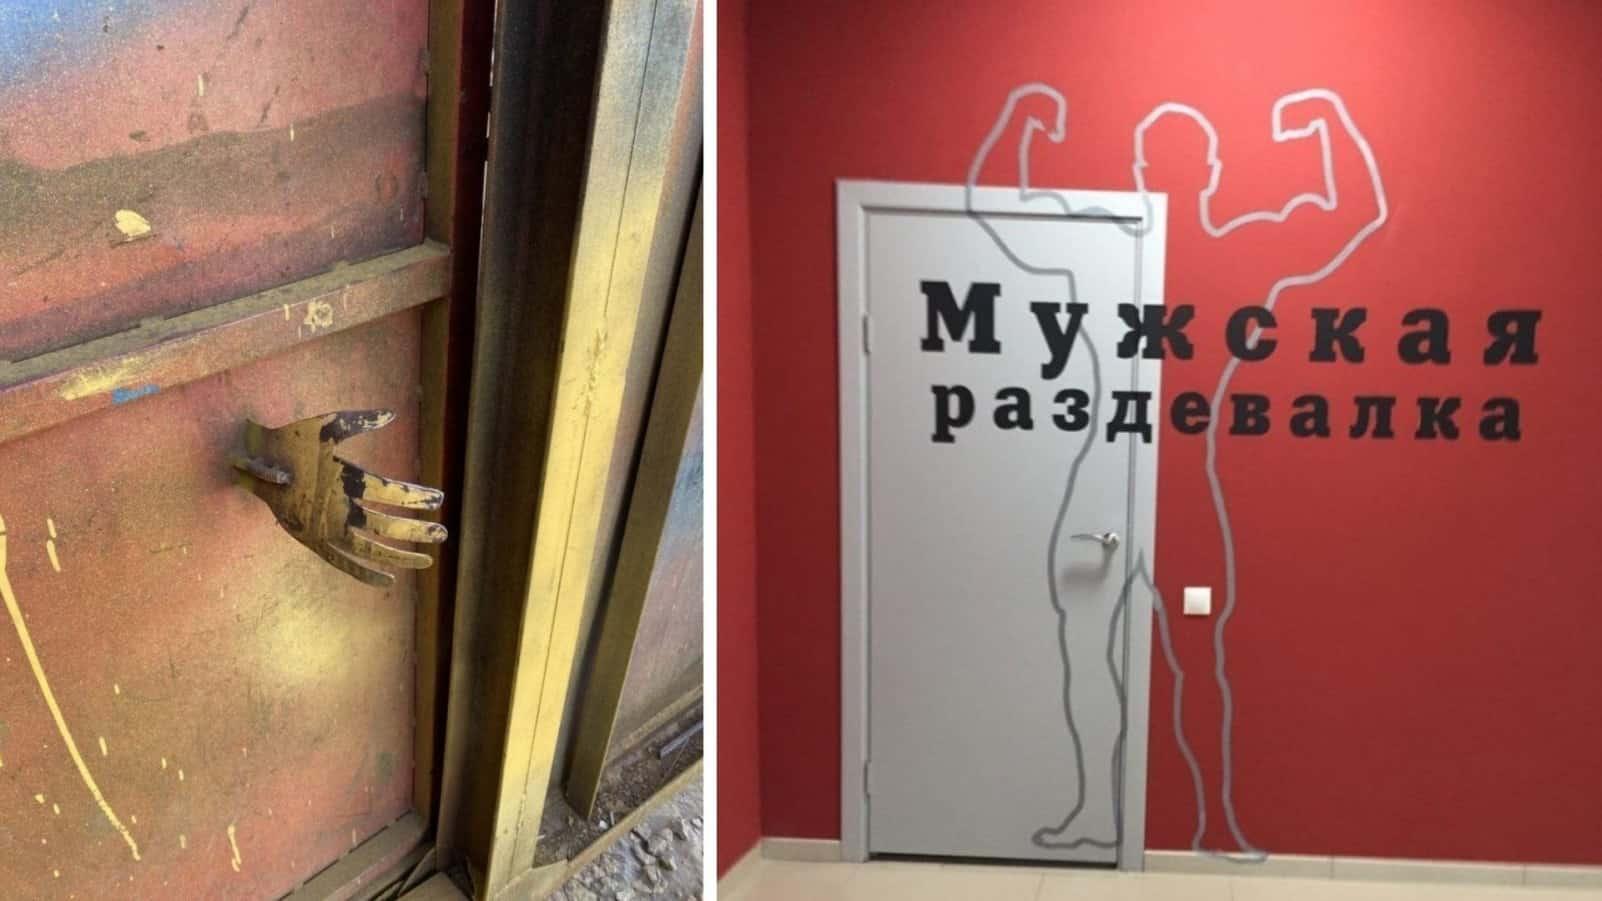 Дверные ручки самых необычный форм, дизайна и расположения